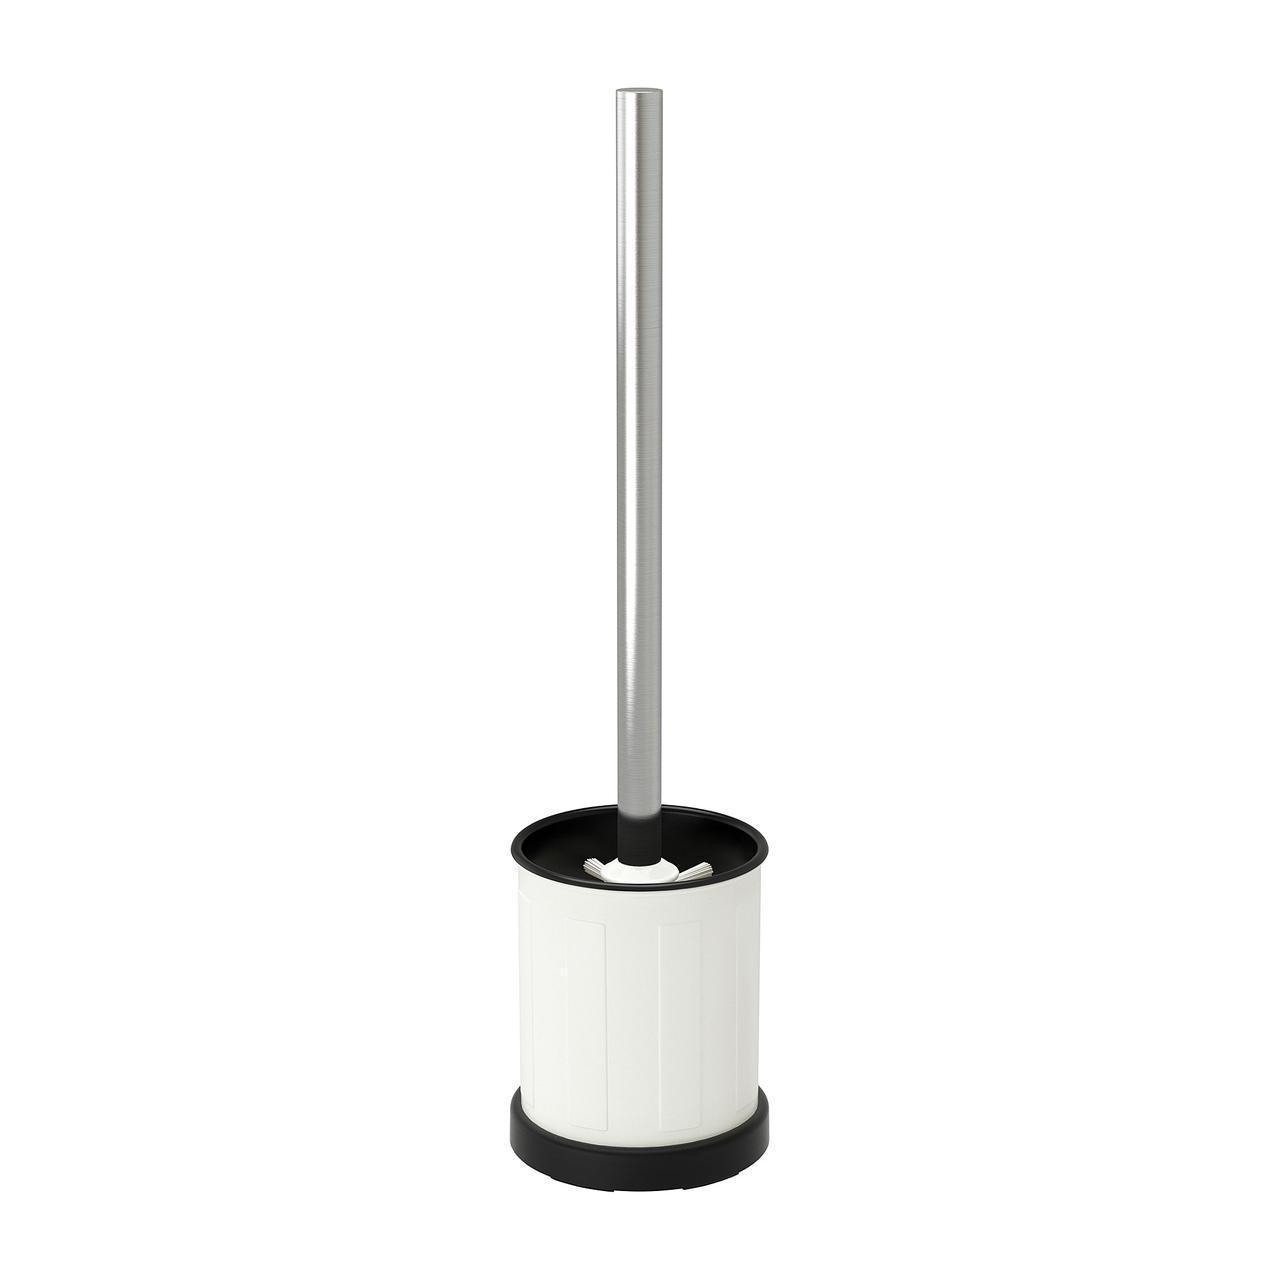 Туалетна щітка IKEA TOFTAN біла 703.447.73